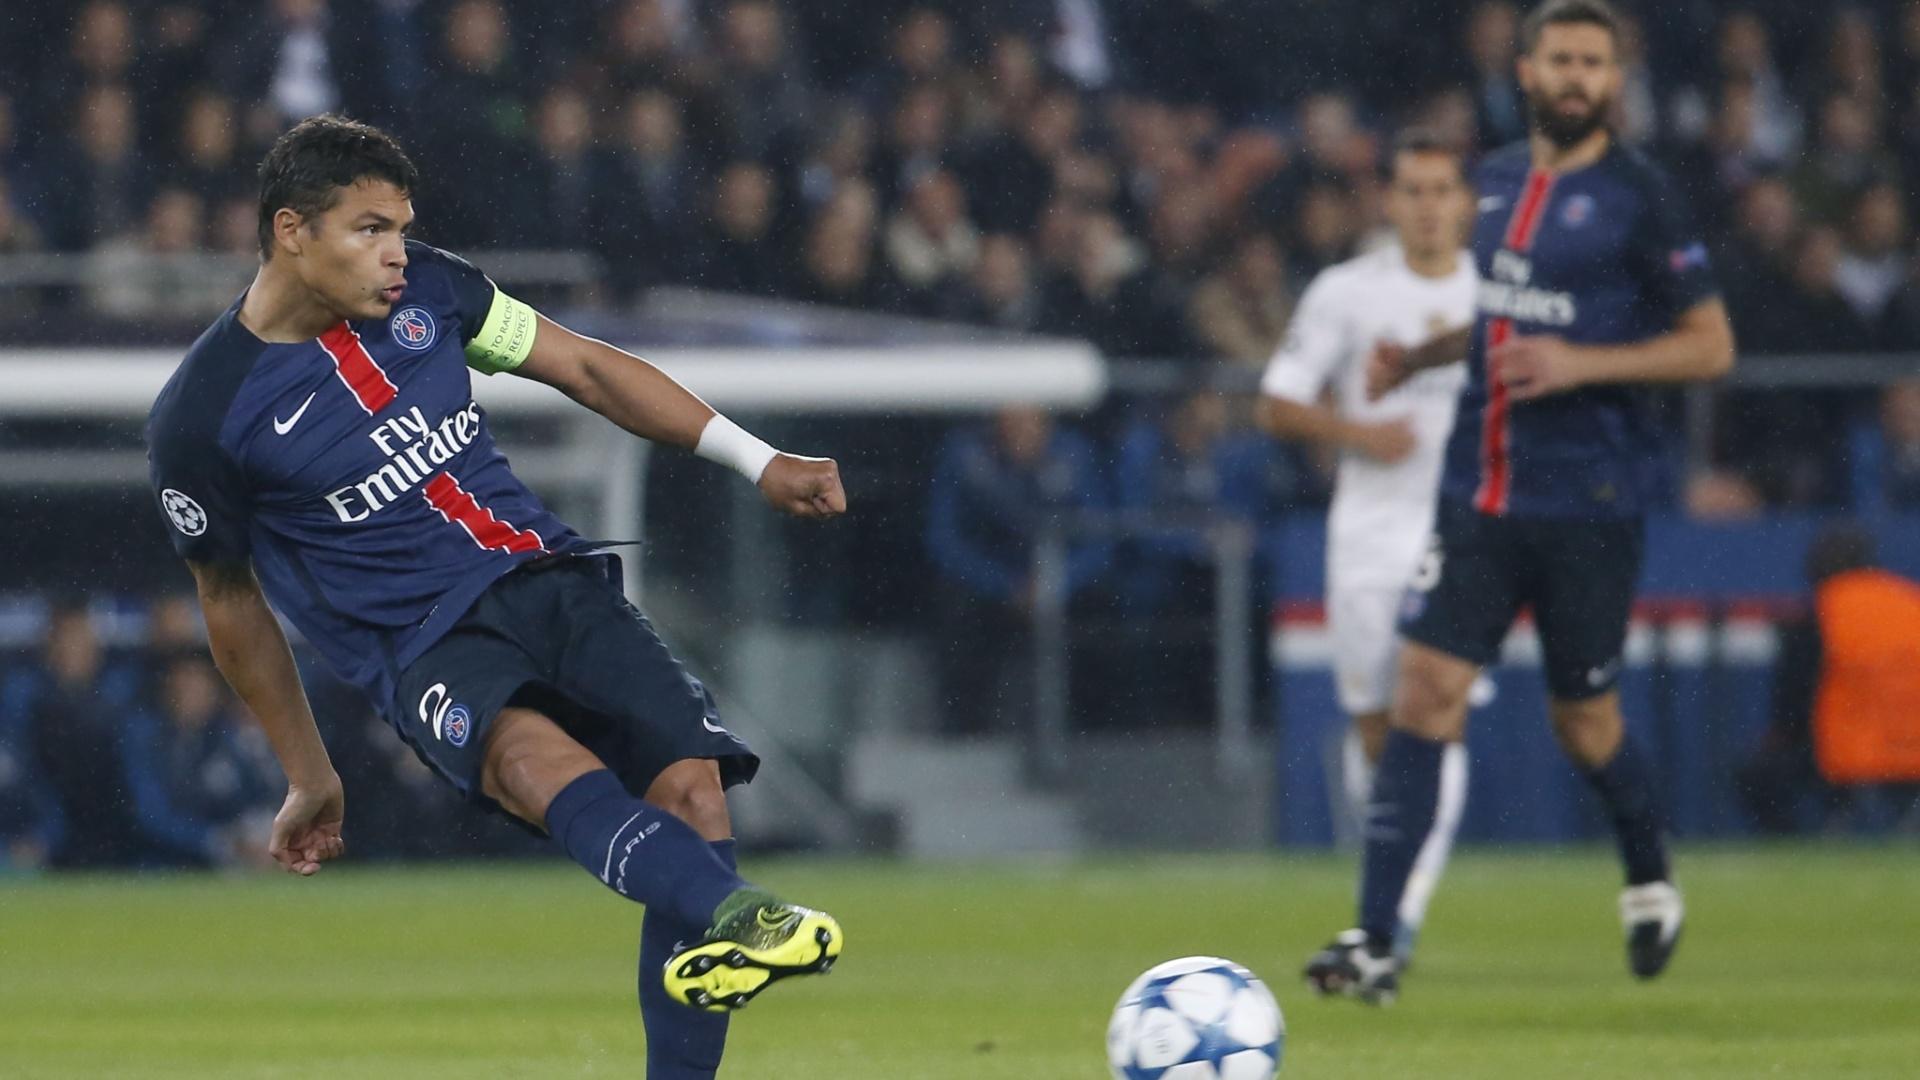 Thiago Silva tenta dar passe em profundidade na partida entre PSG e Real Madrid pela Liga dos Campeões